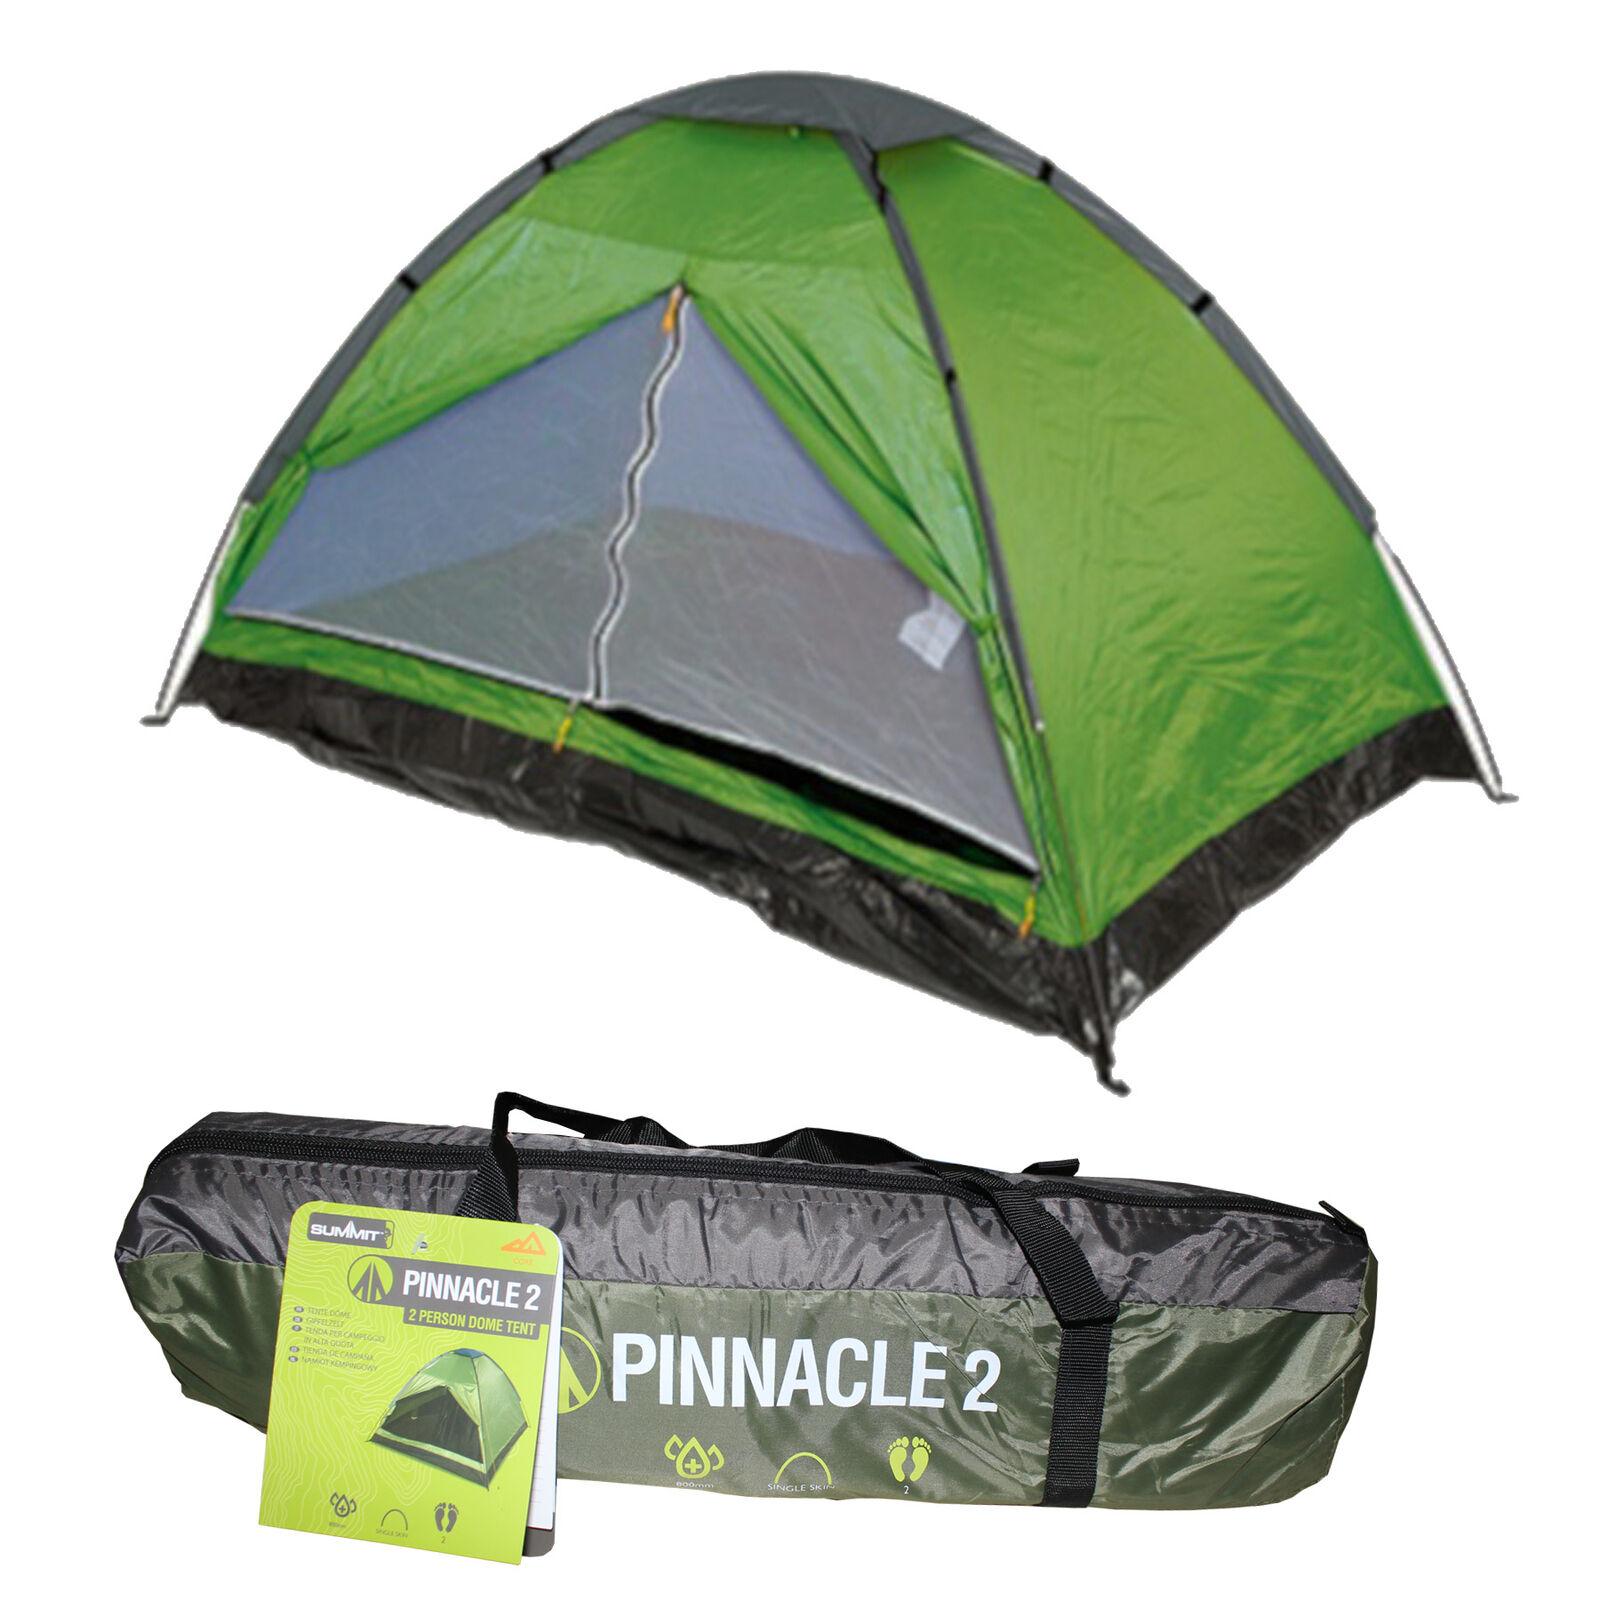 s l1600 - 2 Persona Domo Tienda Verde - Summit Acampada y Exterior Dormir Relajante Equipo